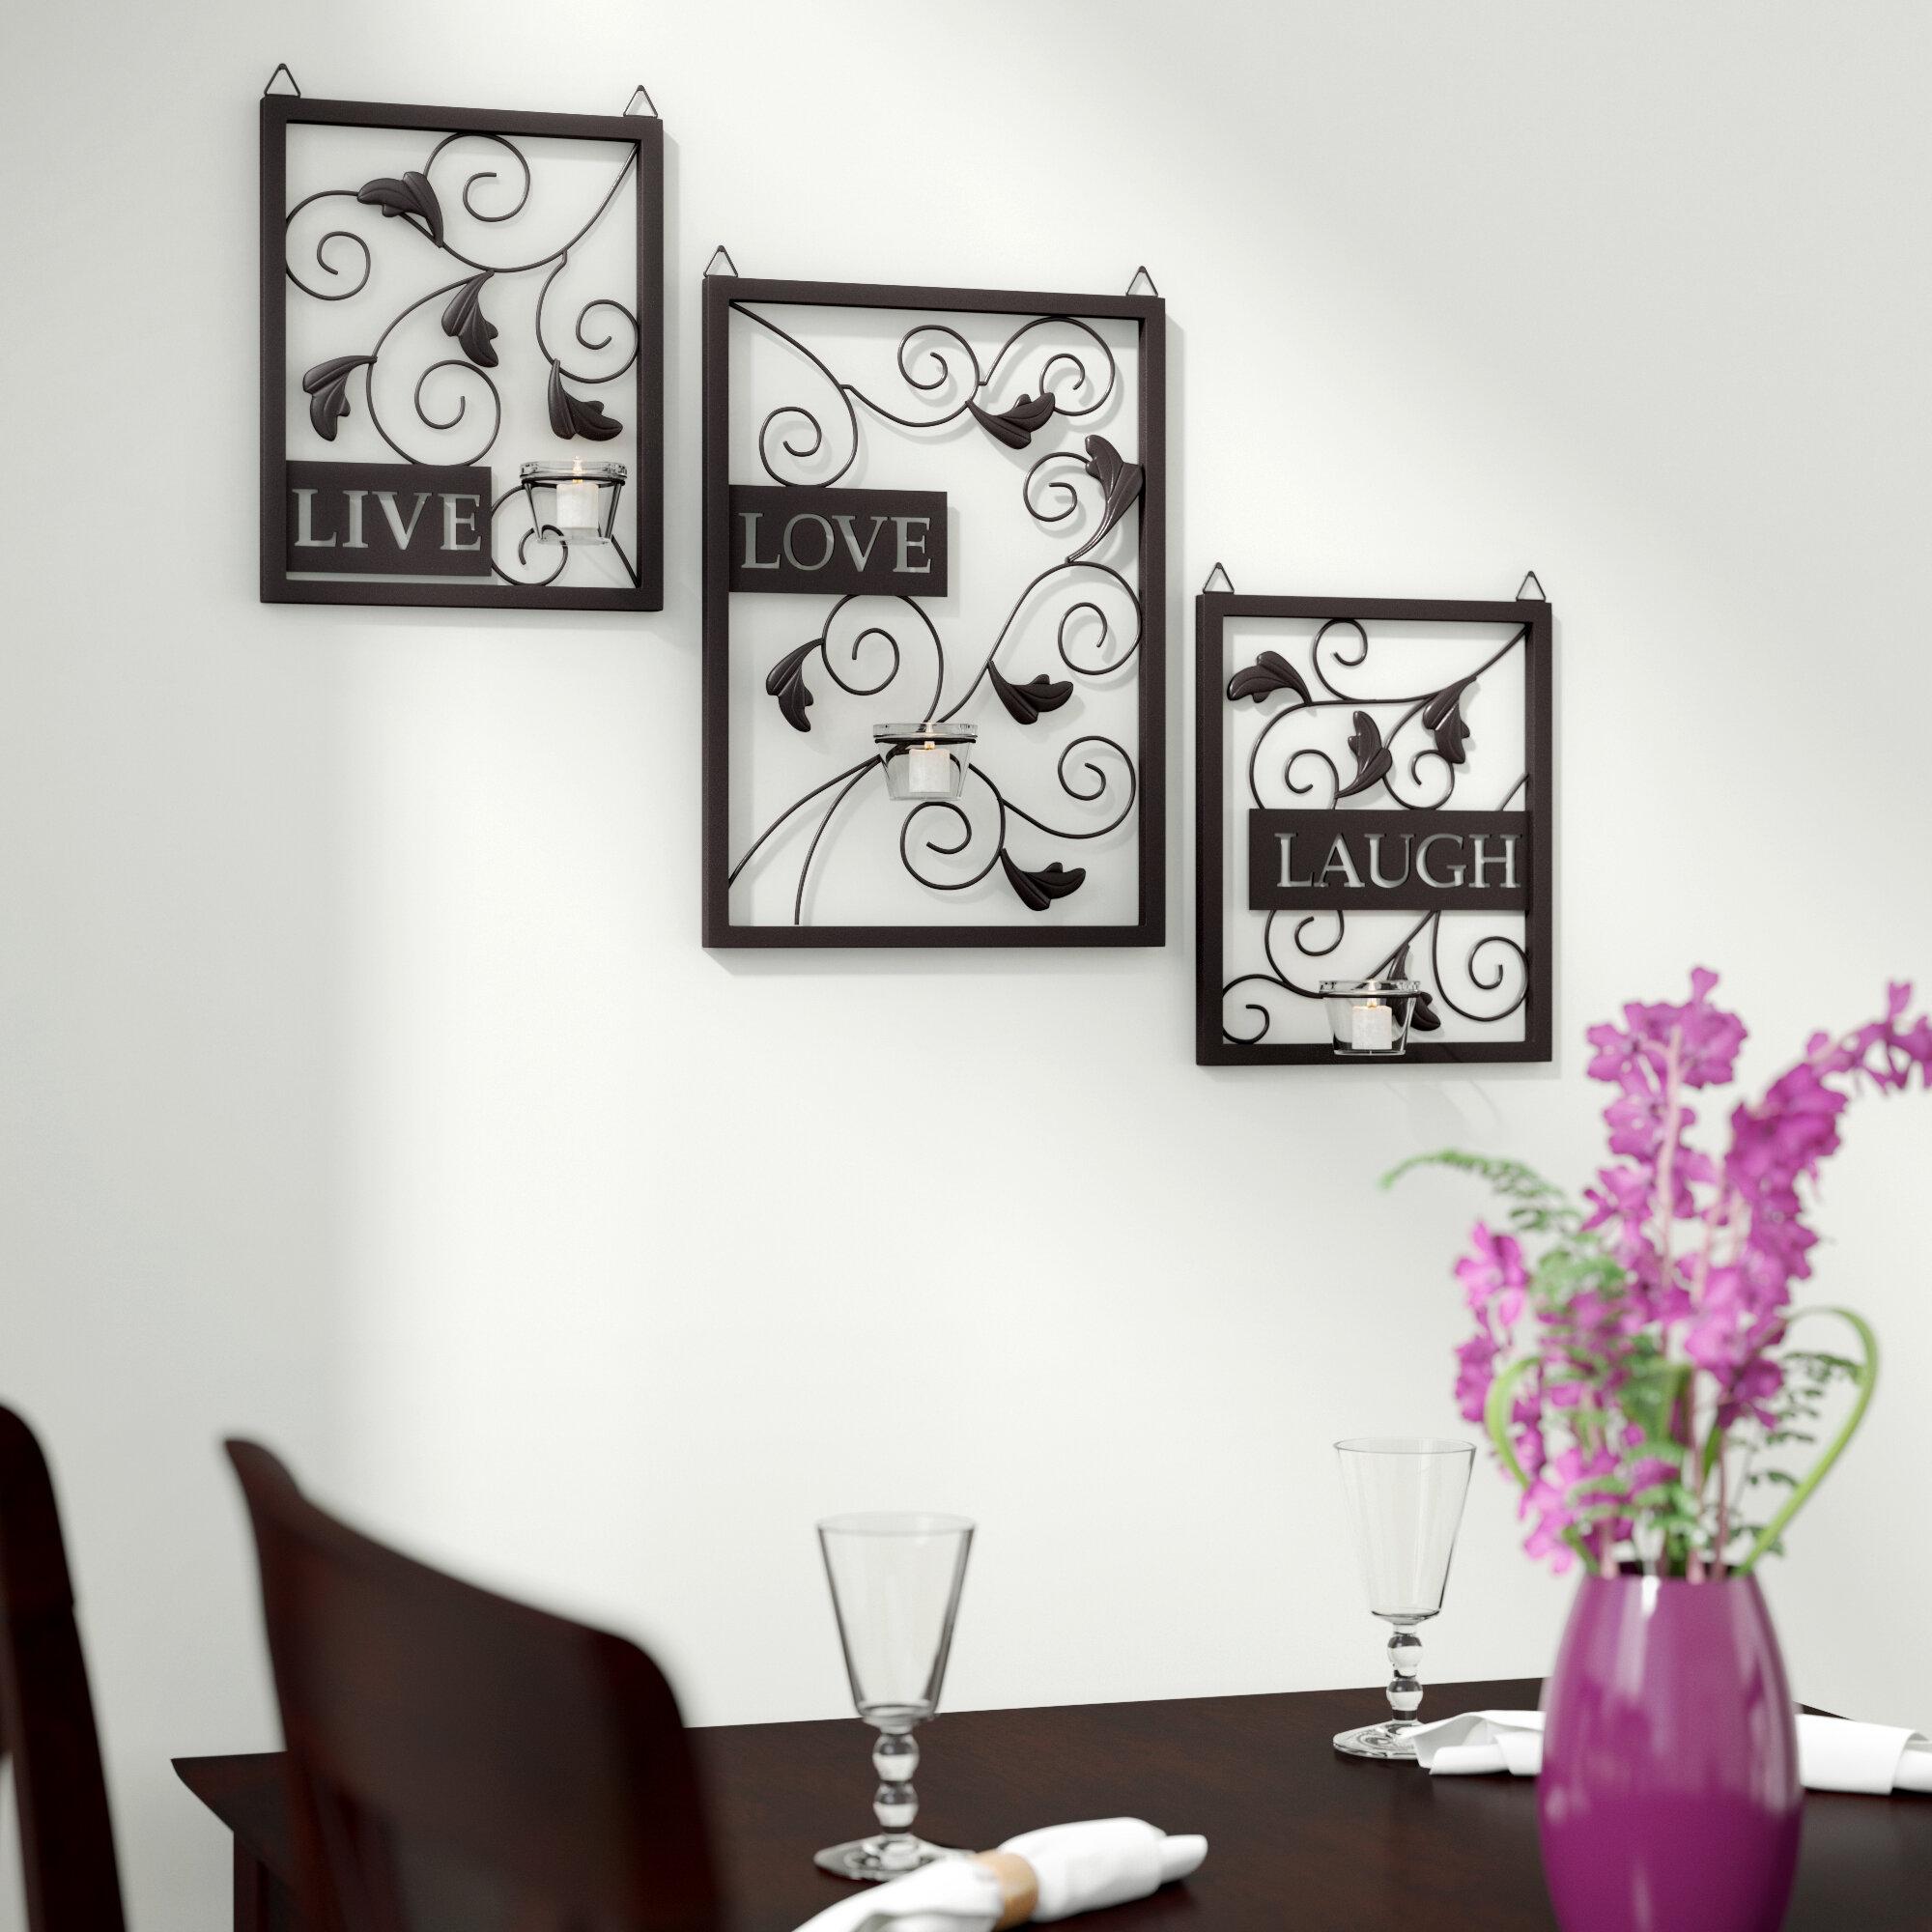 Details about winston porter live love laugh 3 piece black wall décor set